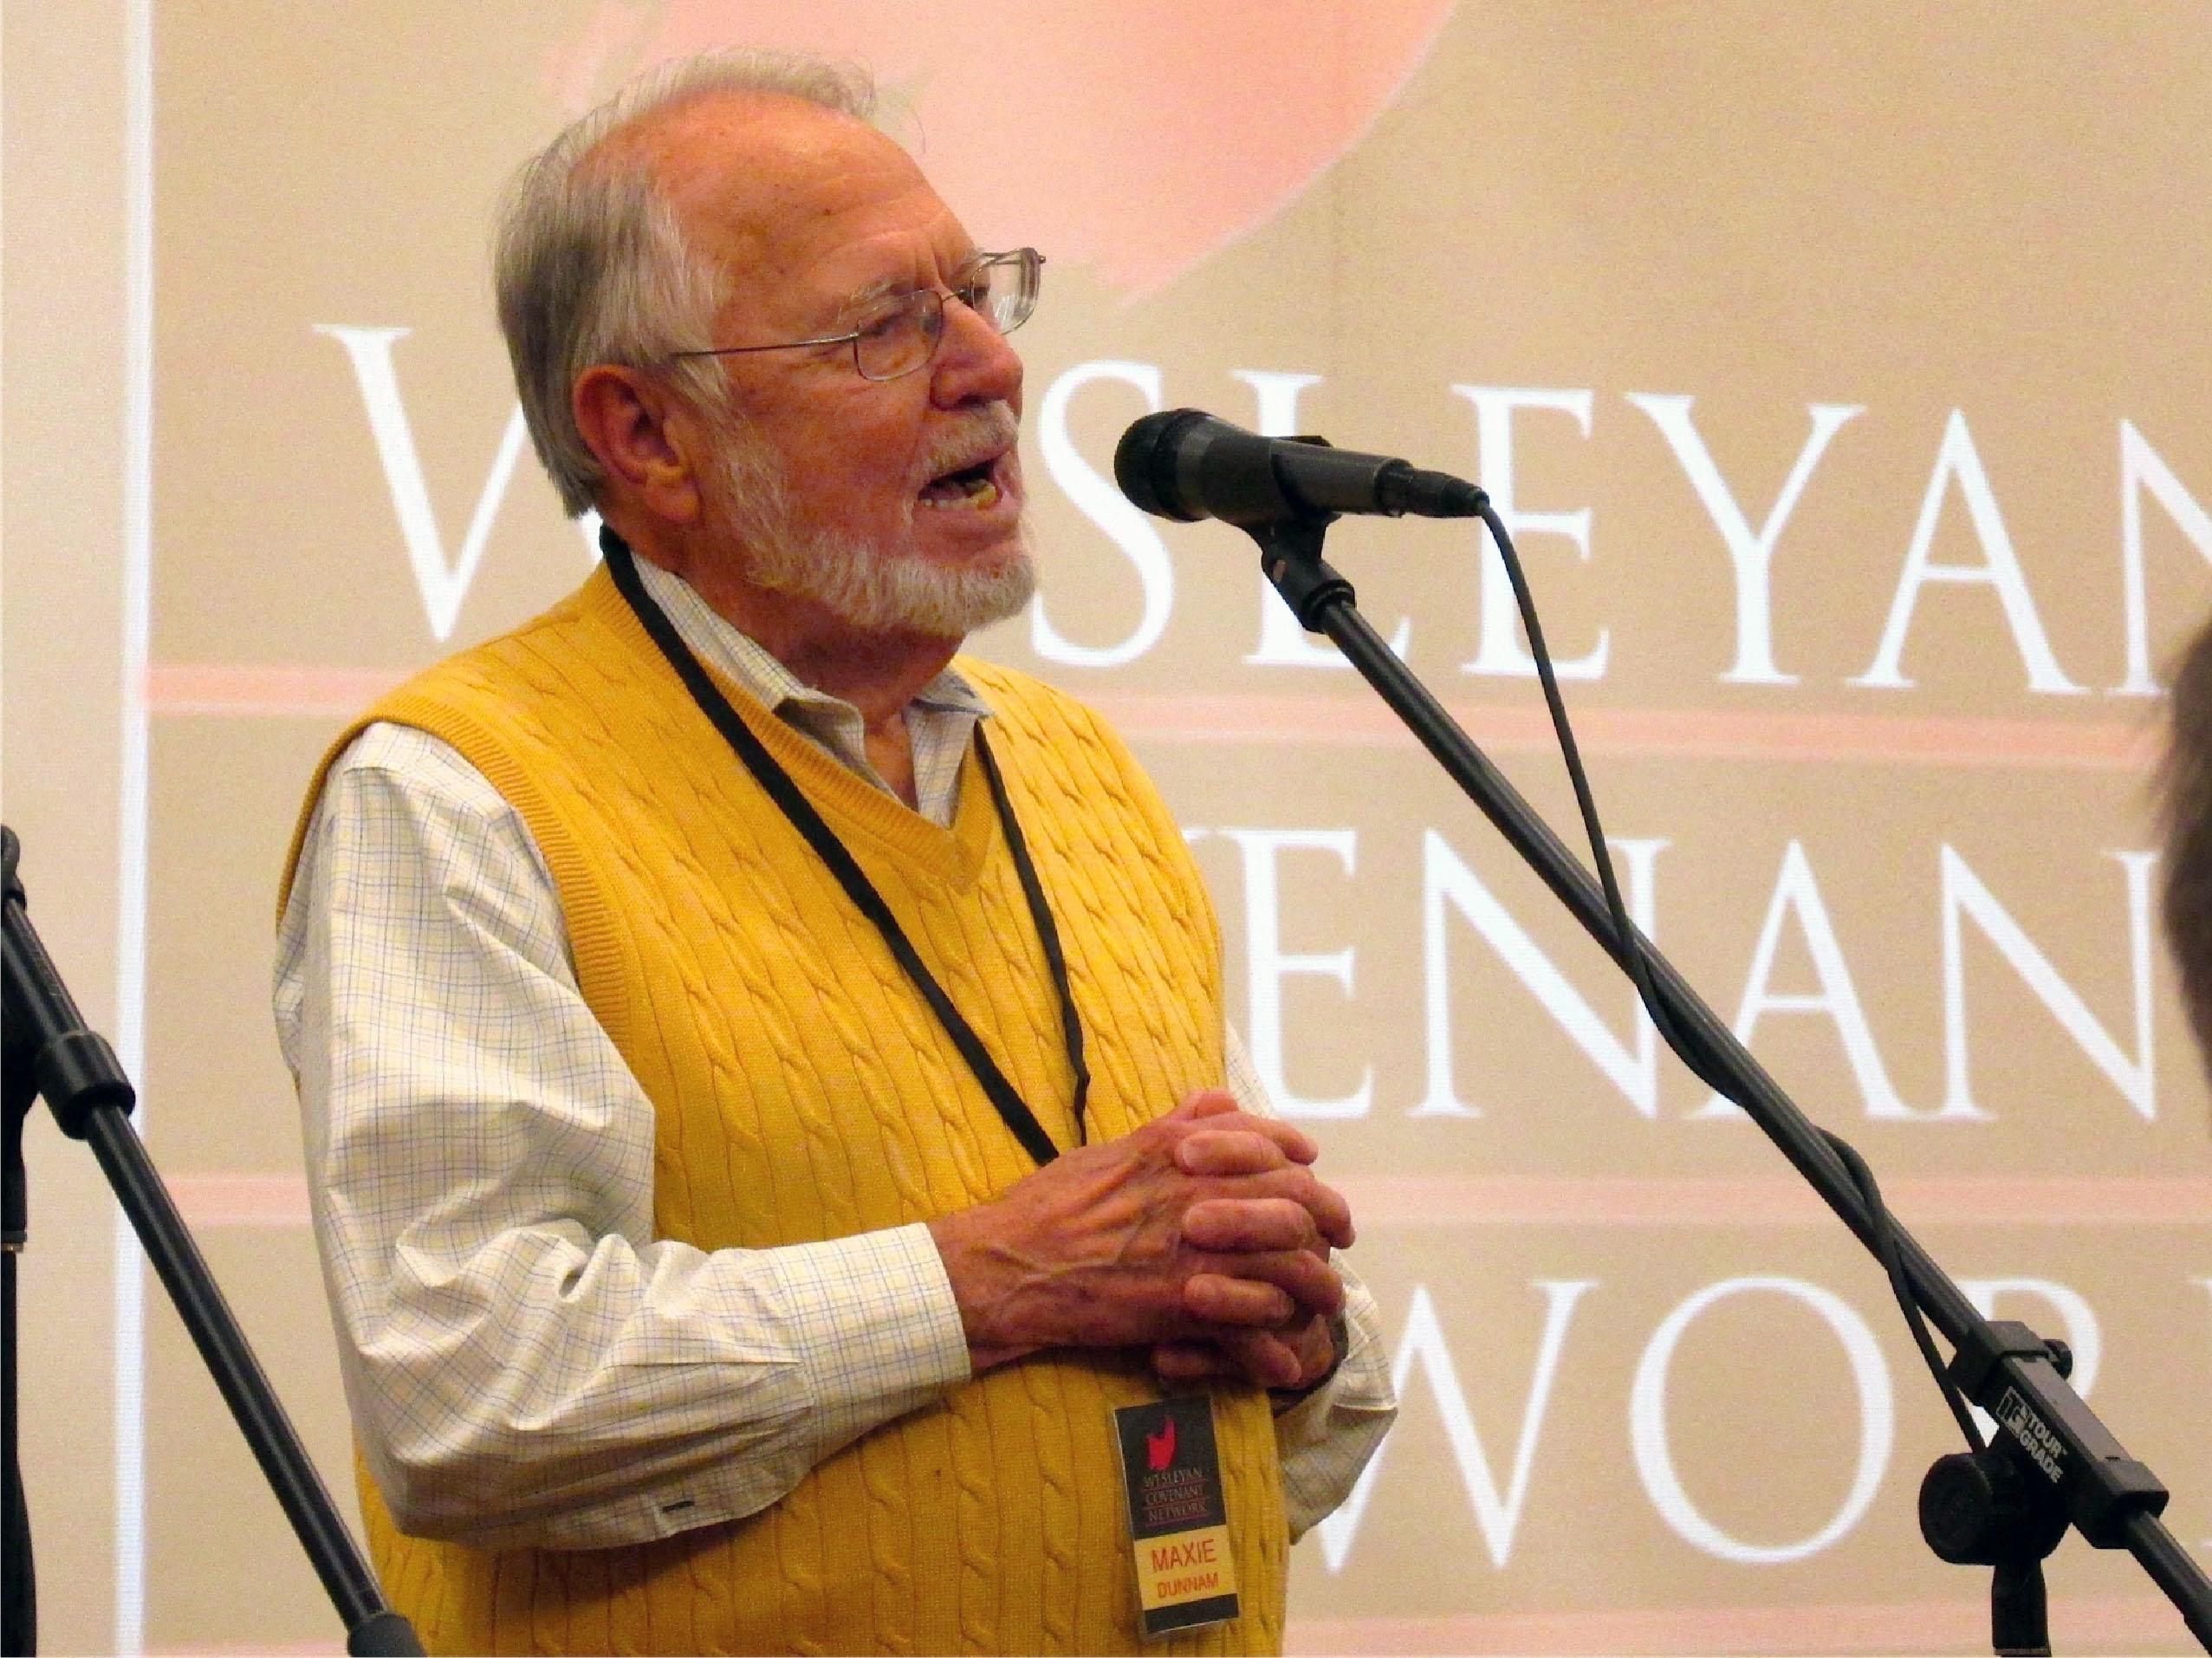 맥시 던남 목사가 2014 년 애틀랜타에서 발언하고 있다. 던남 목사는 전통주의 플랜 수정안을 작성을 주도했다.  Steve Beard / Good News Magazine의 사진.